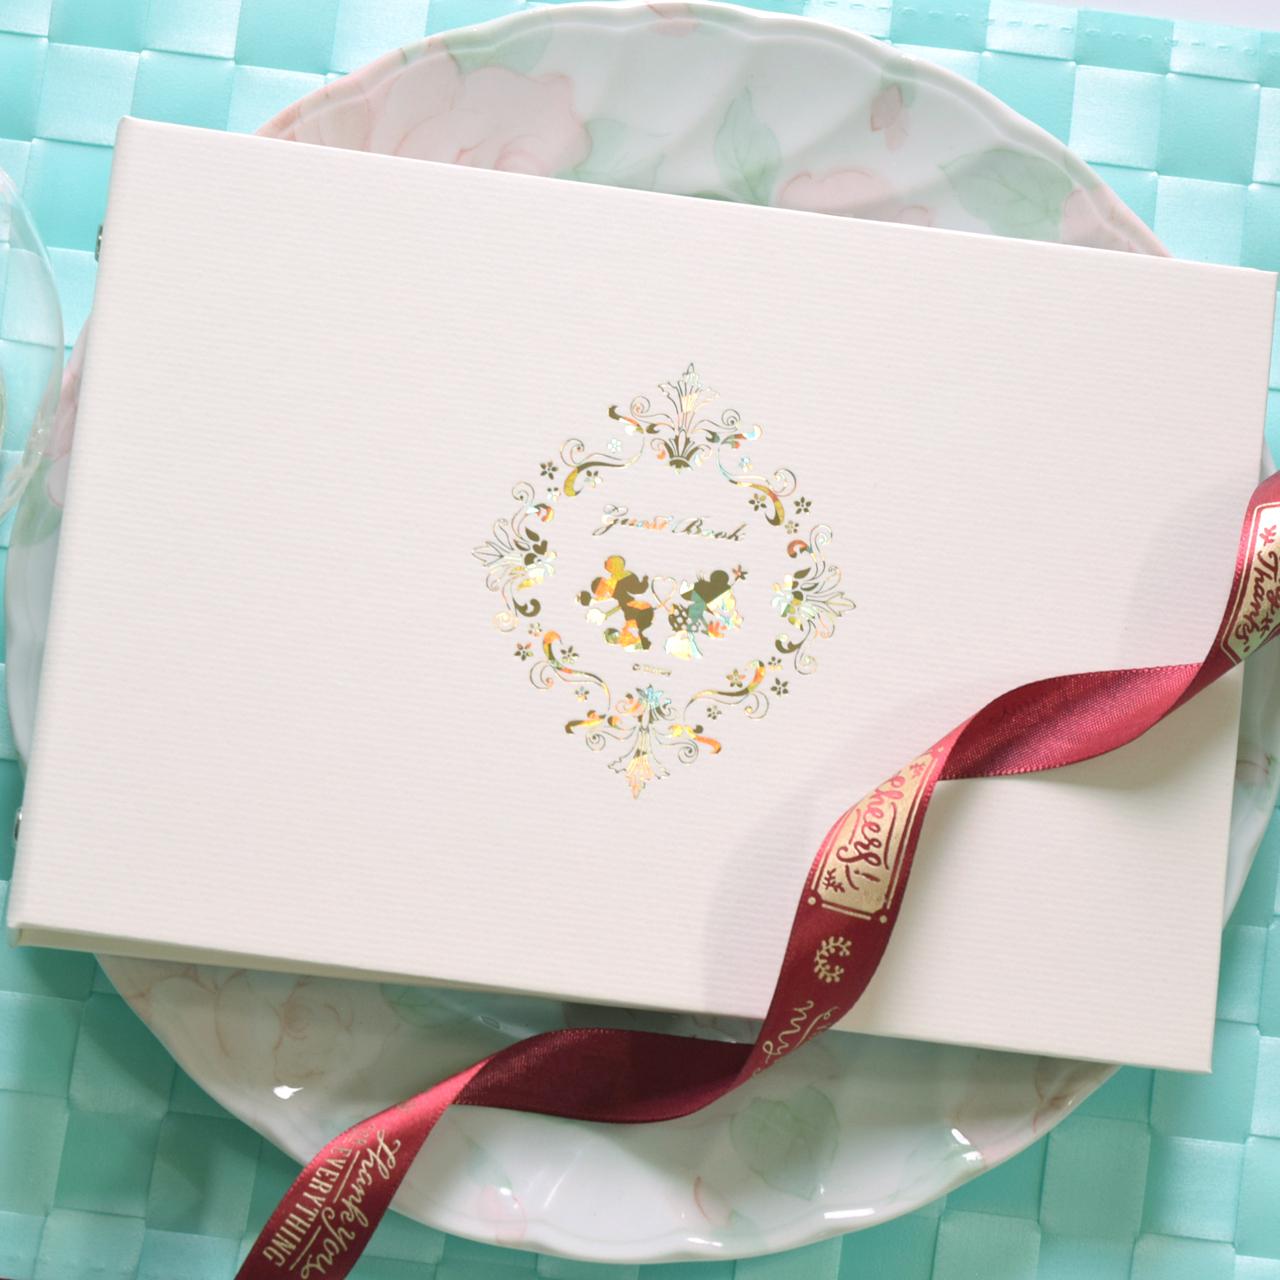 結婚式 ウェディングアイテムが充実 2020新作 Ti Amo ゲストブック 記帳式 アウトレット☆送料無料 ミニー ウェディング 芳名帳 ミッキー